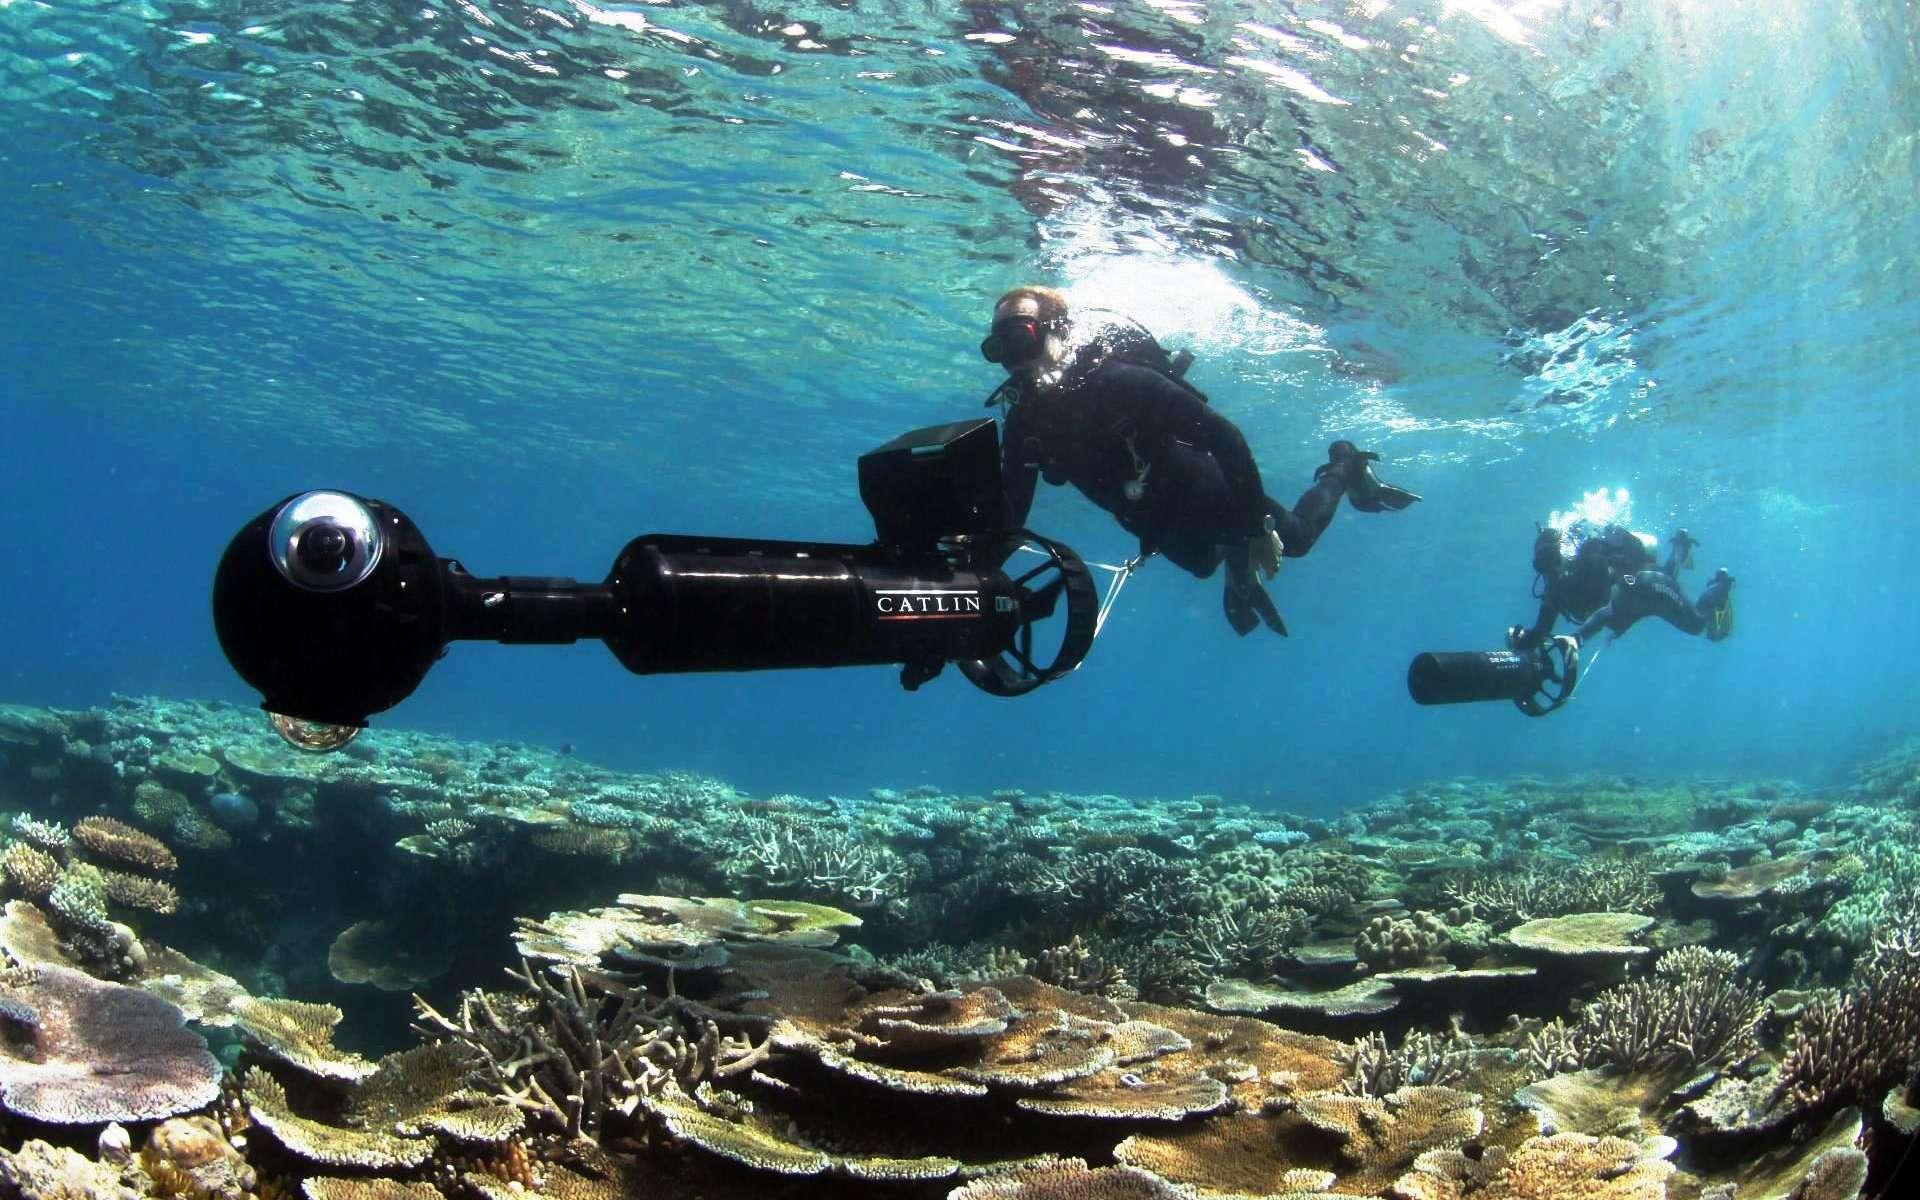 Un des membres du Catlin Seaview Survey avec le SVII, l'appareil de prise de vue spécialement conçu pour la réalisation des panoramas en 3D de ce Google Street View des mers. © Catlin Seaview Survey, Underwater Earth